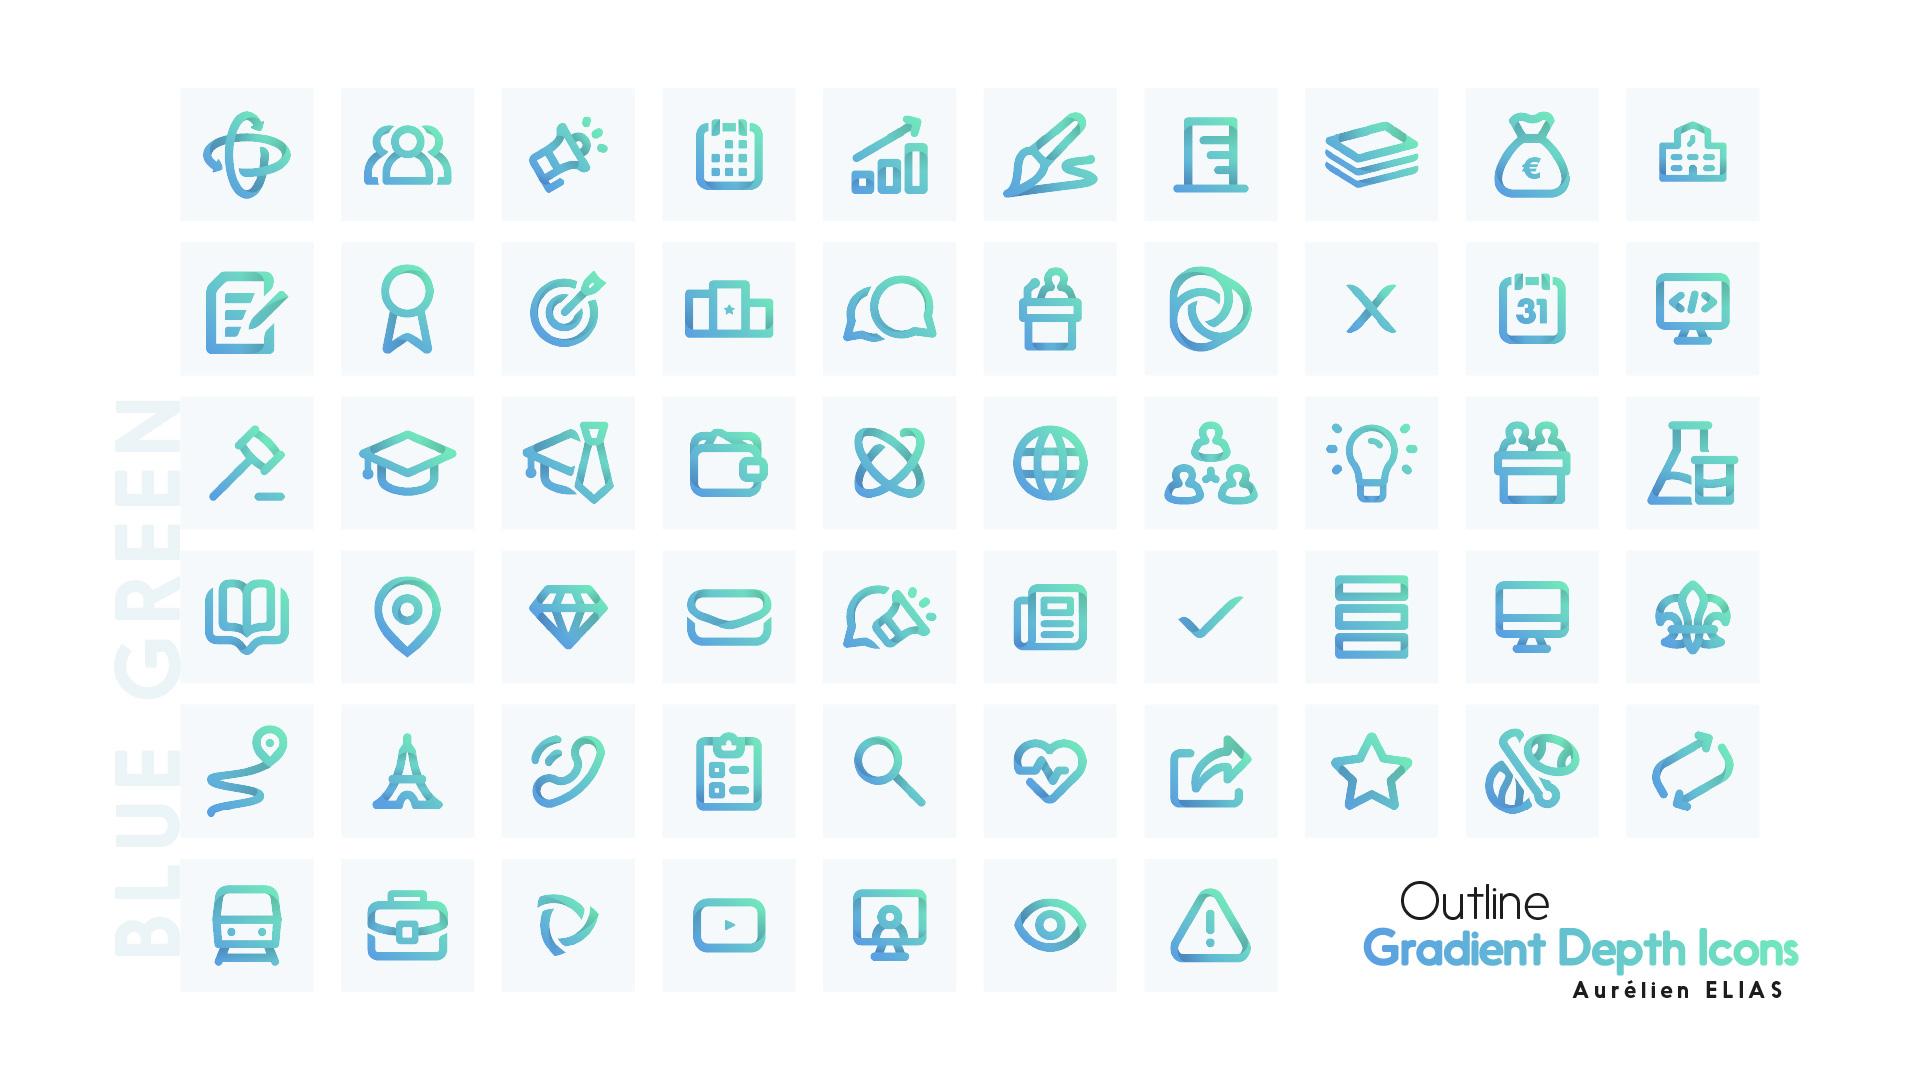 White on color - Outline Gradient Depth Icons by Aurélien Elias